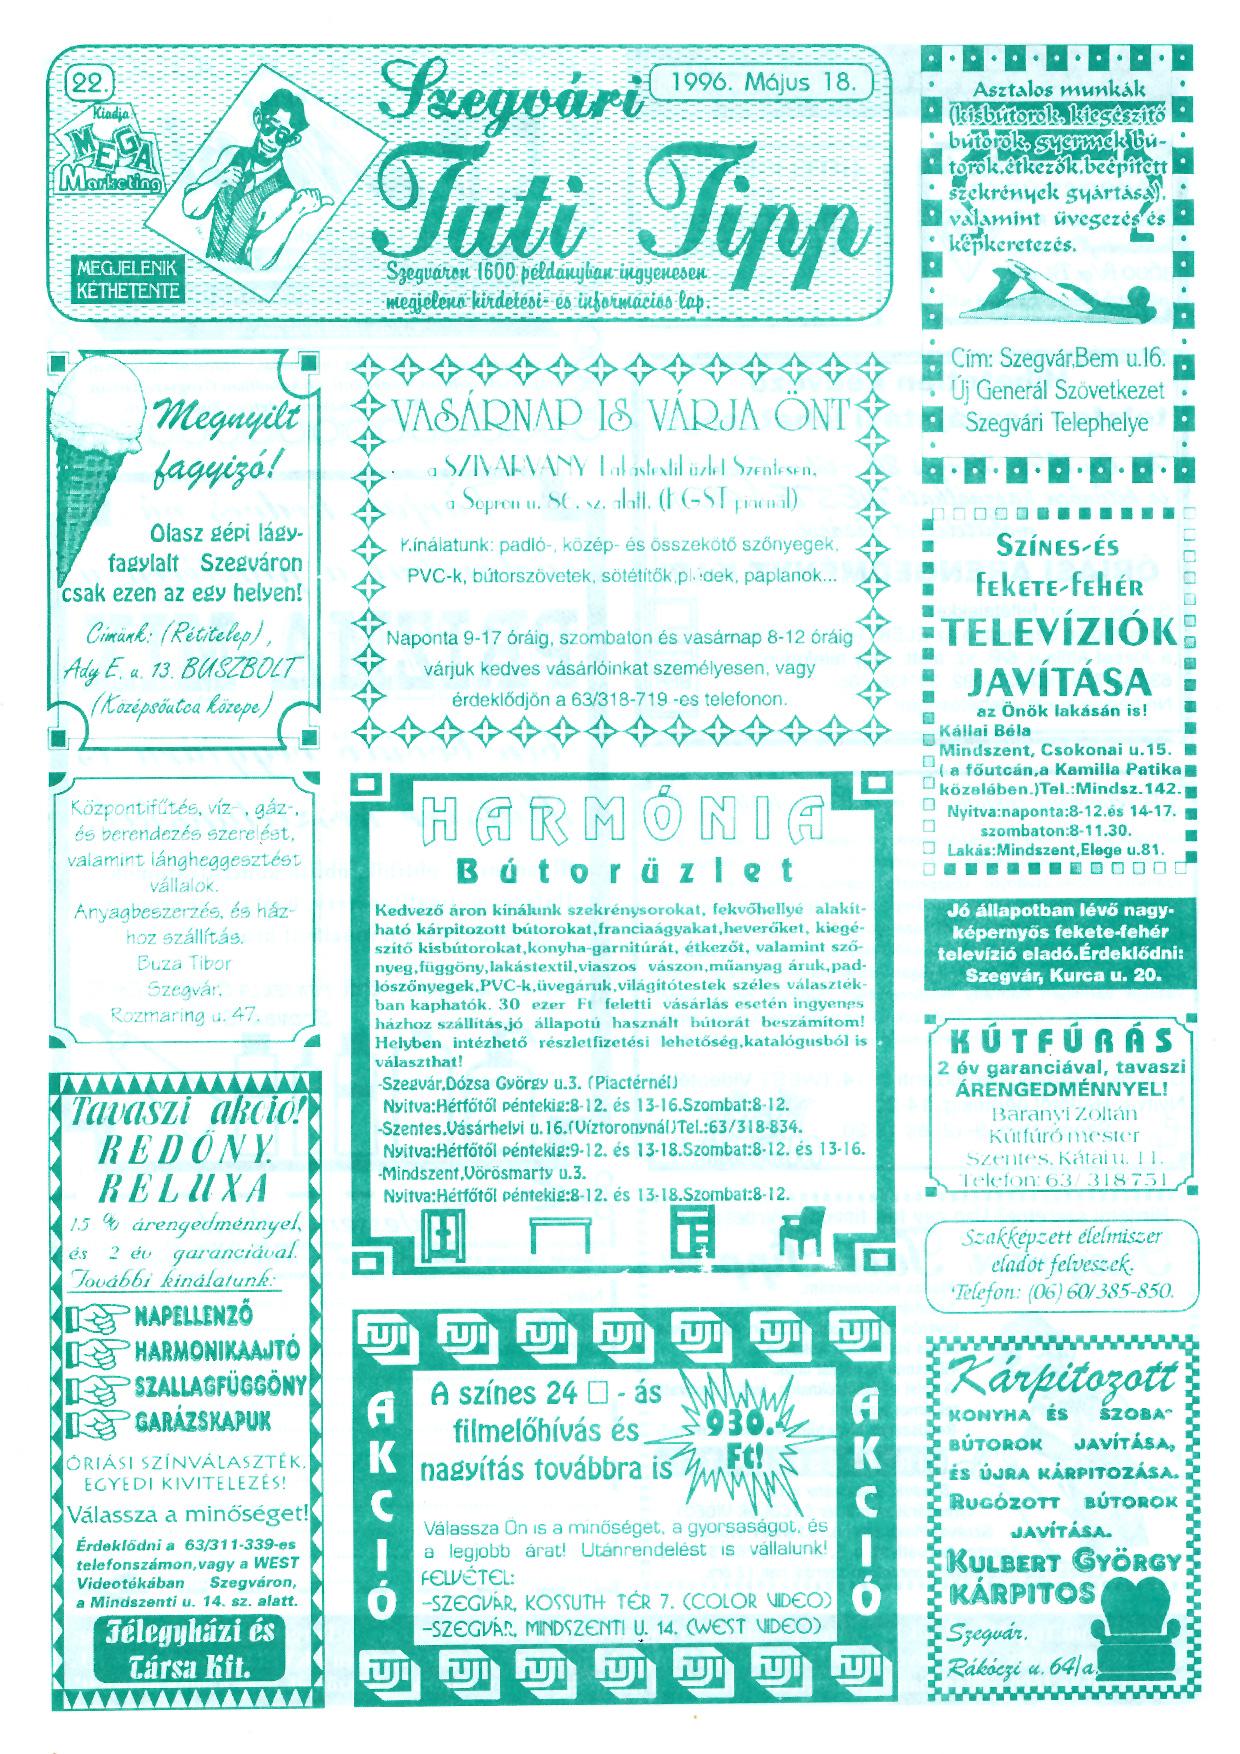 021 Szegvári Tuti Tipp reklámújság - 19960518-022. lapszám - 1.oldal - II. évfolyam.jpg